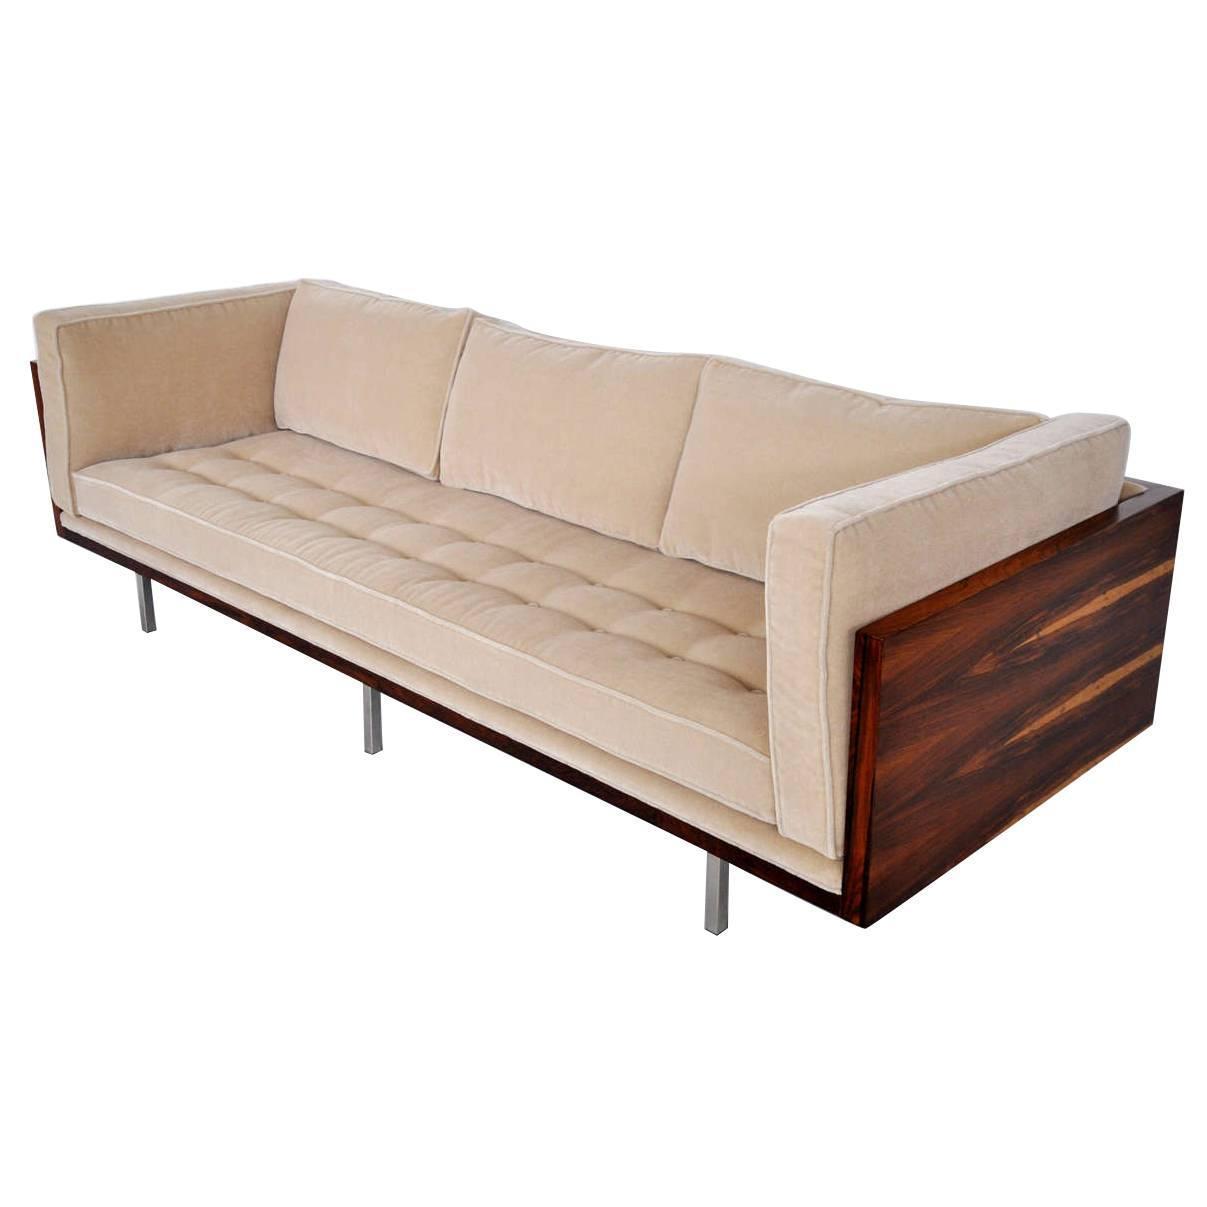 Milo Baughman Tosewood Case Sofa at 1stdibs